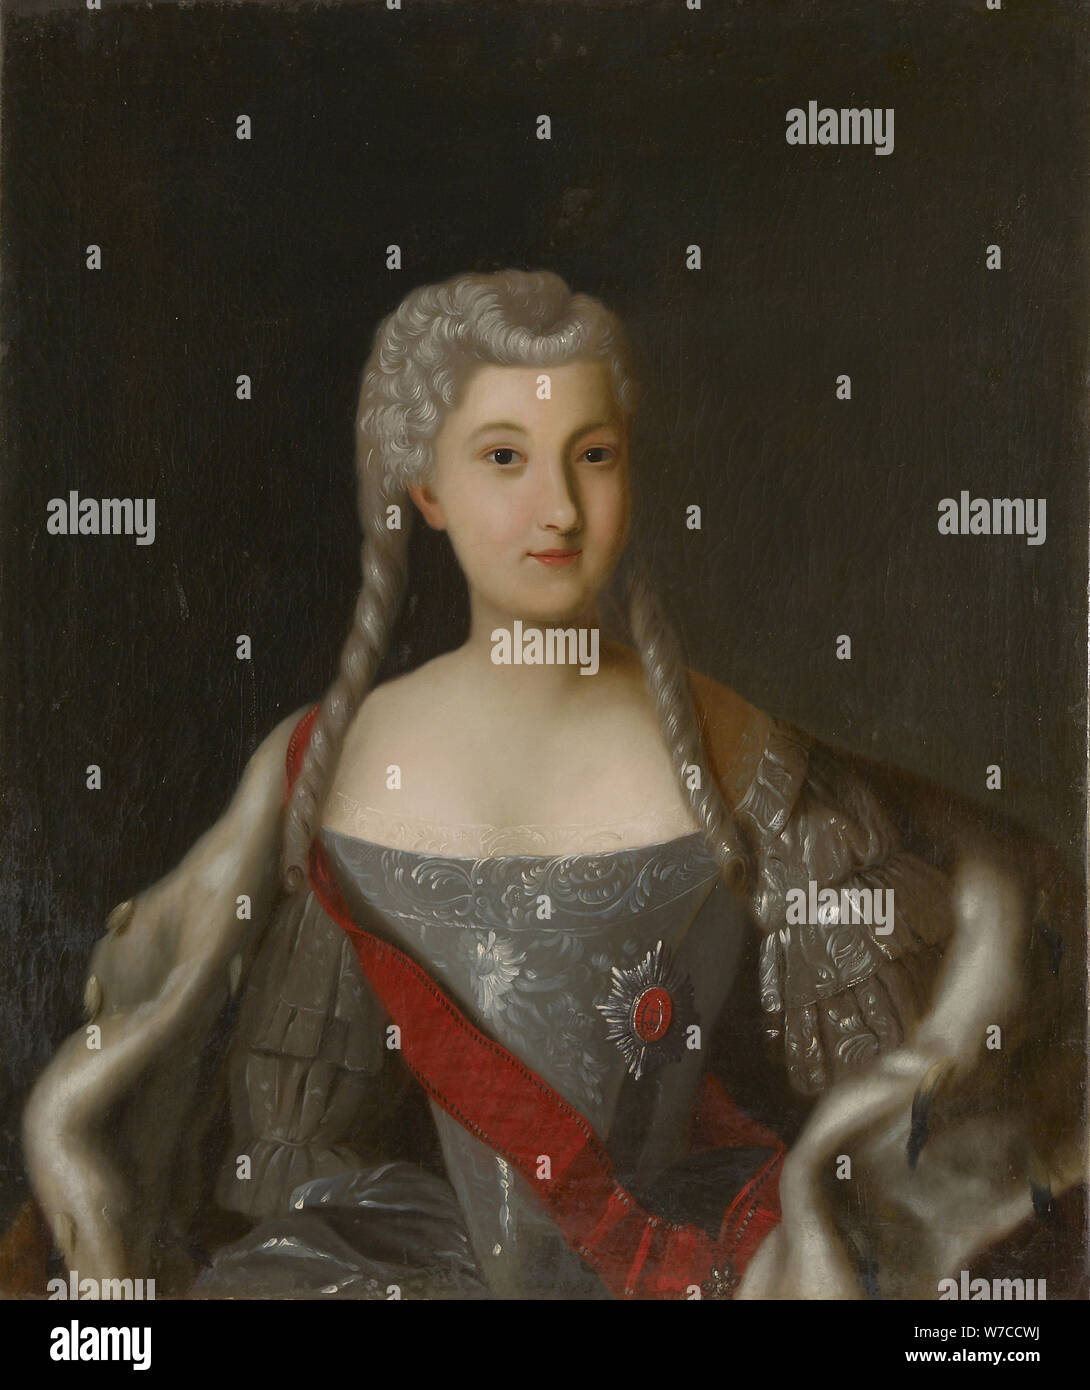 Portrait of Princess Anna Leopoldovna (1718-1746), tsar's Ivan VI mother. Stock Photo